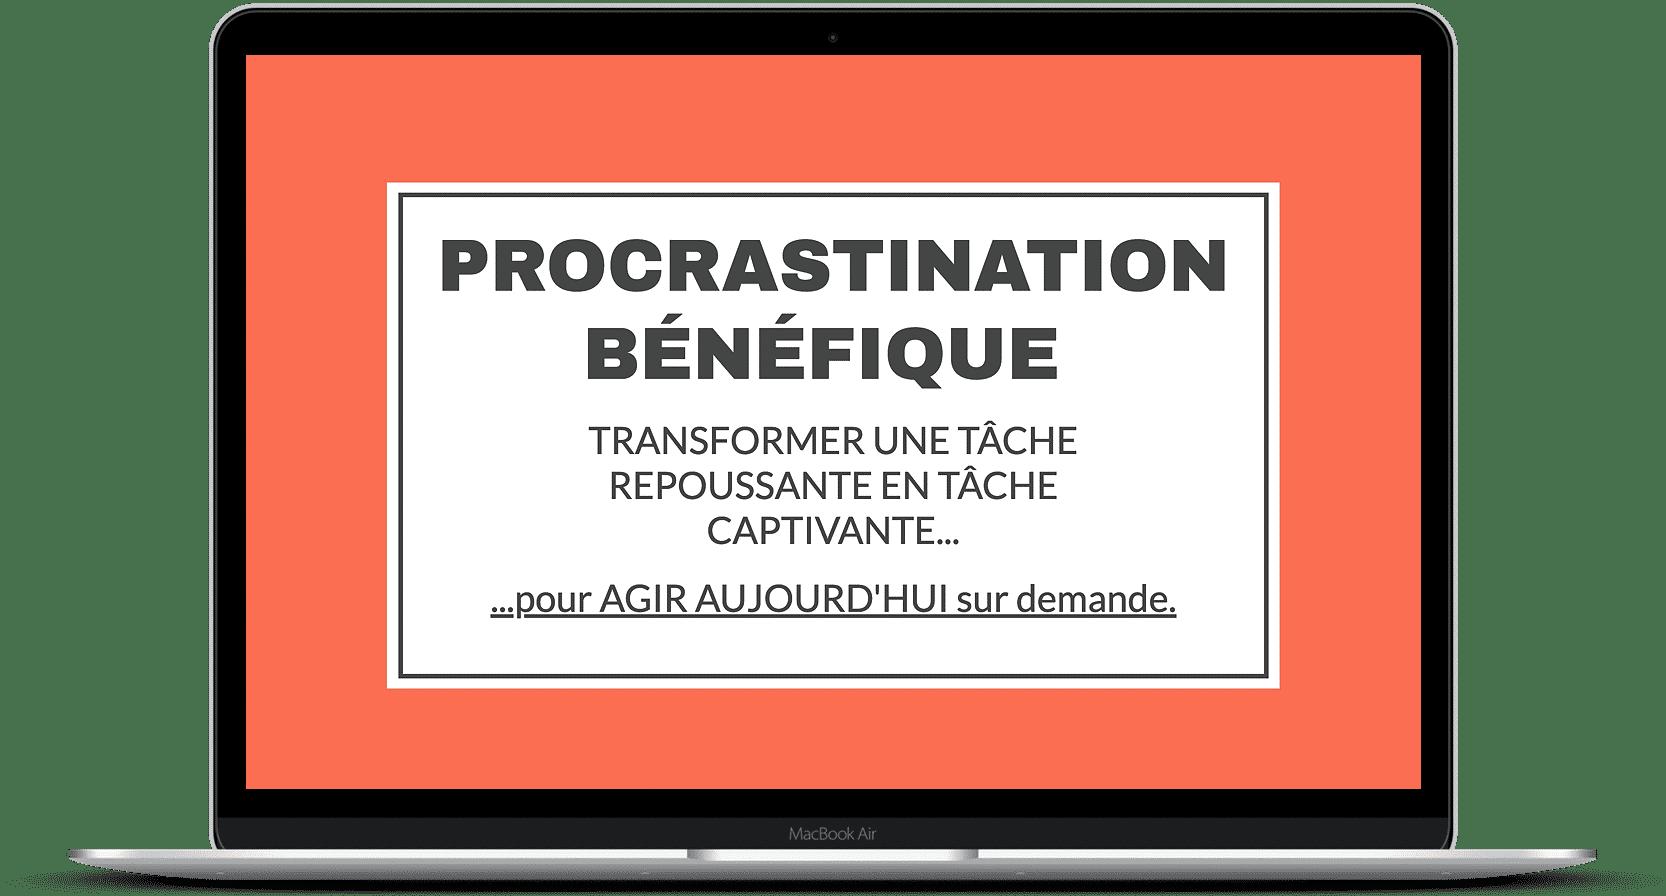 Procrastination bénéfique